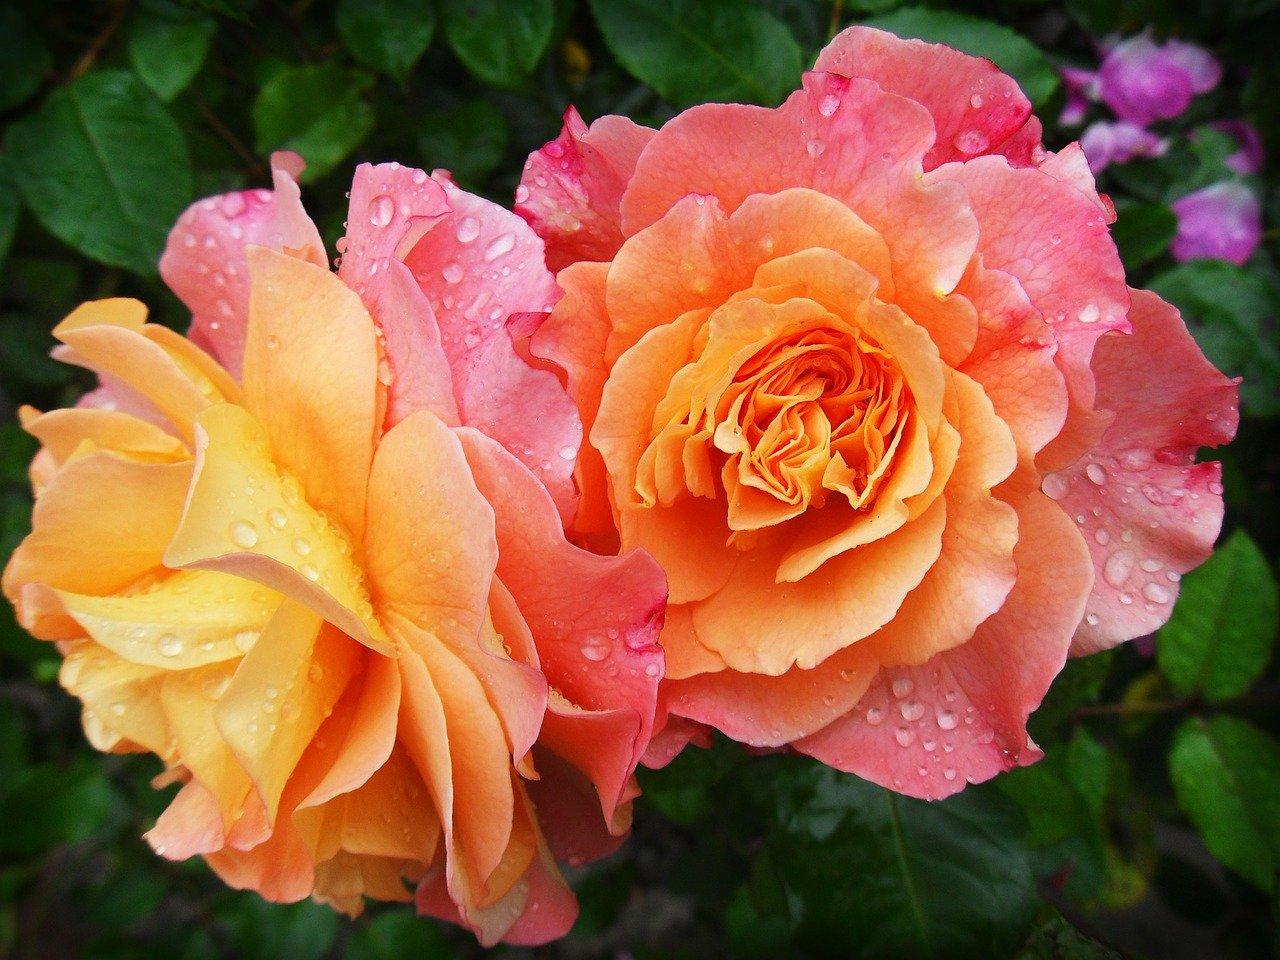 Цветочная парфюмерия для весны